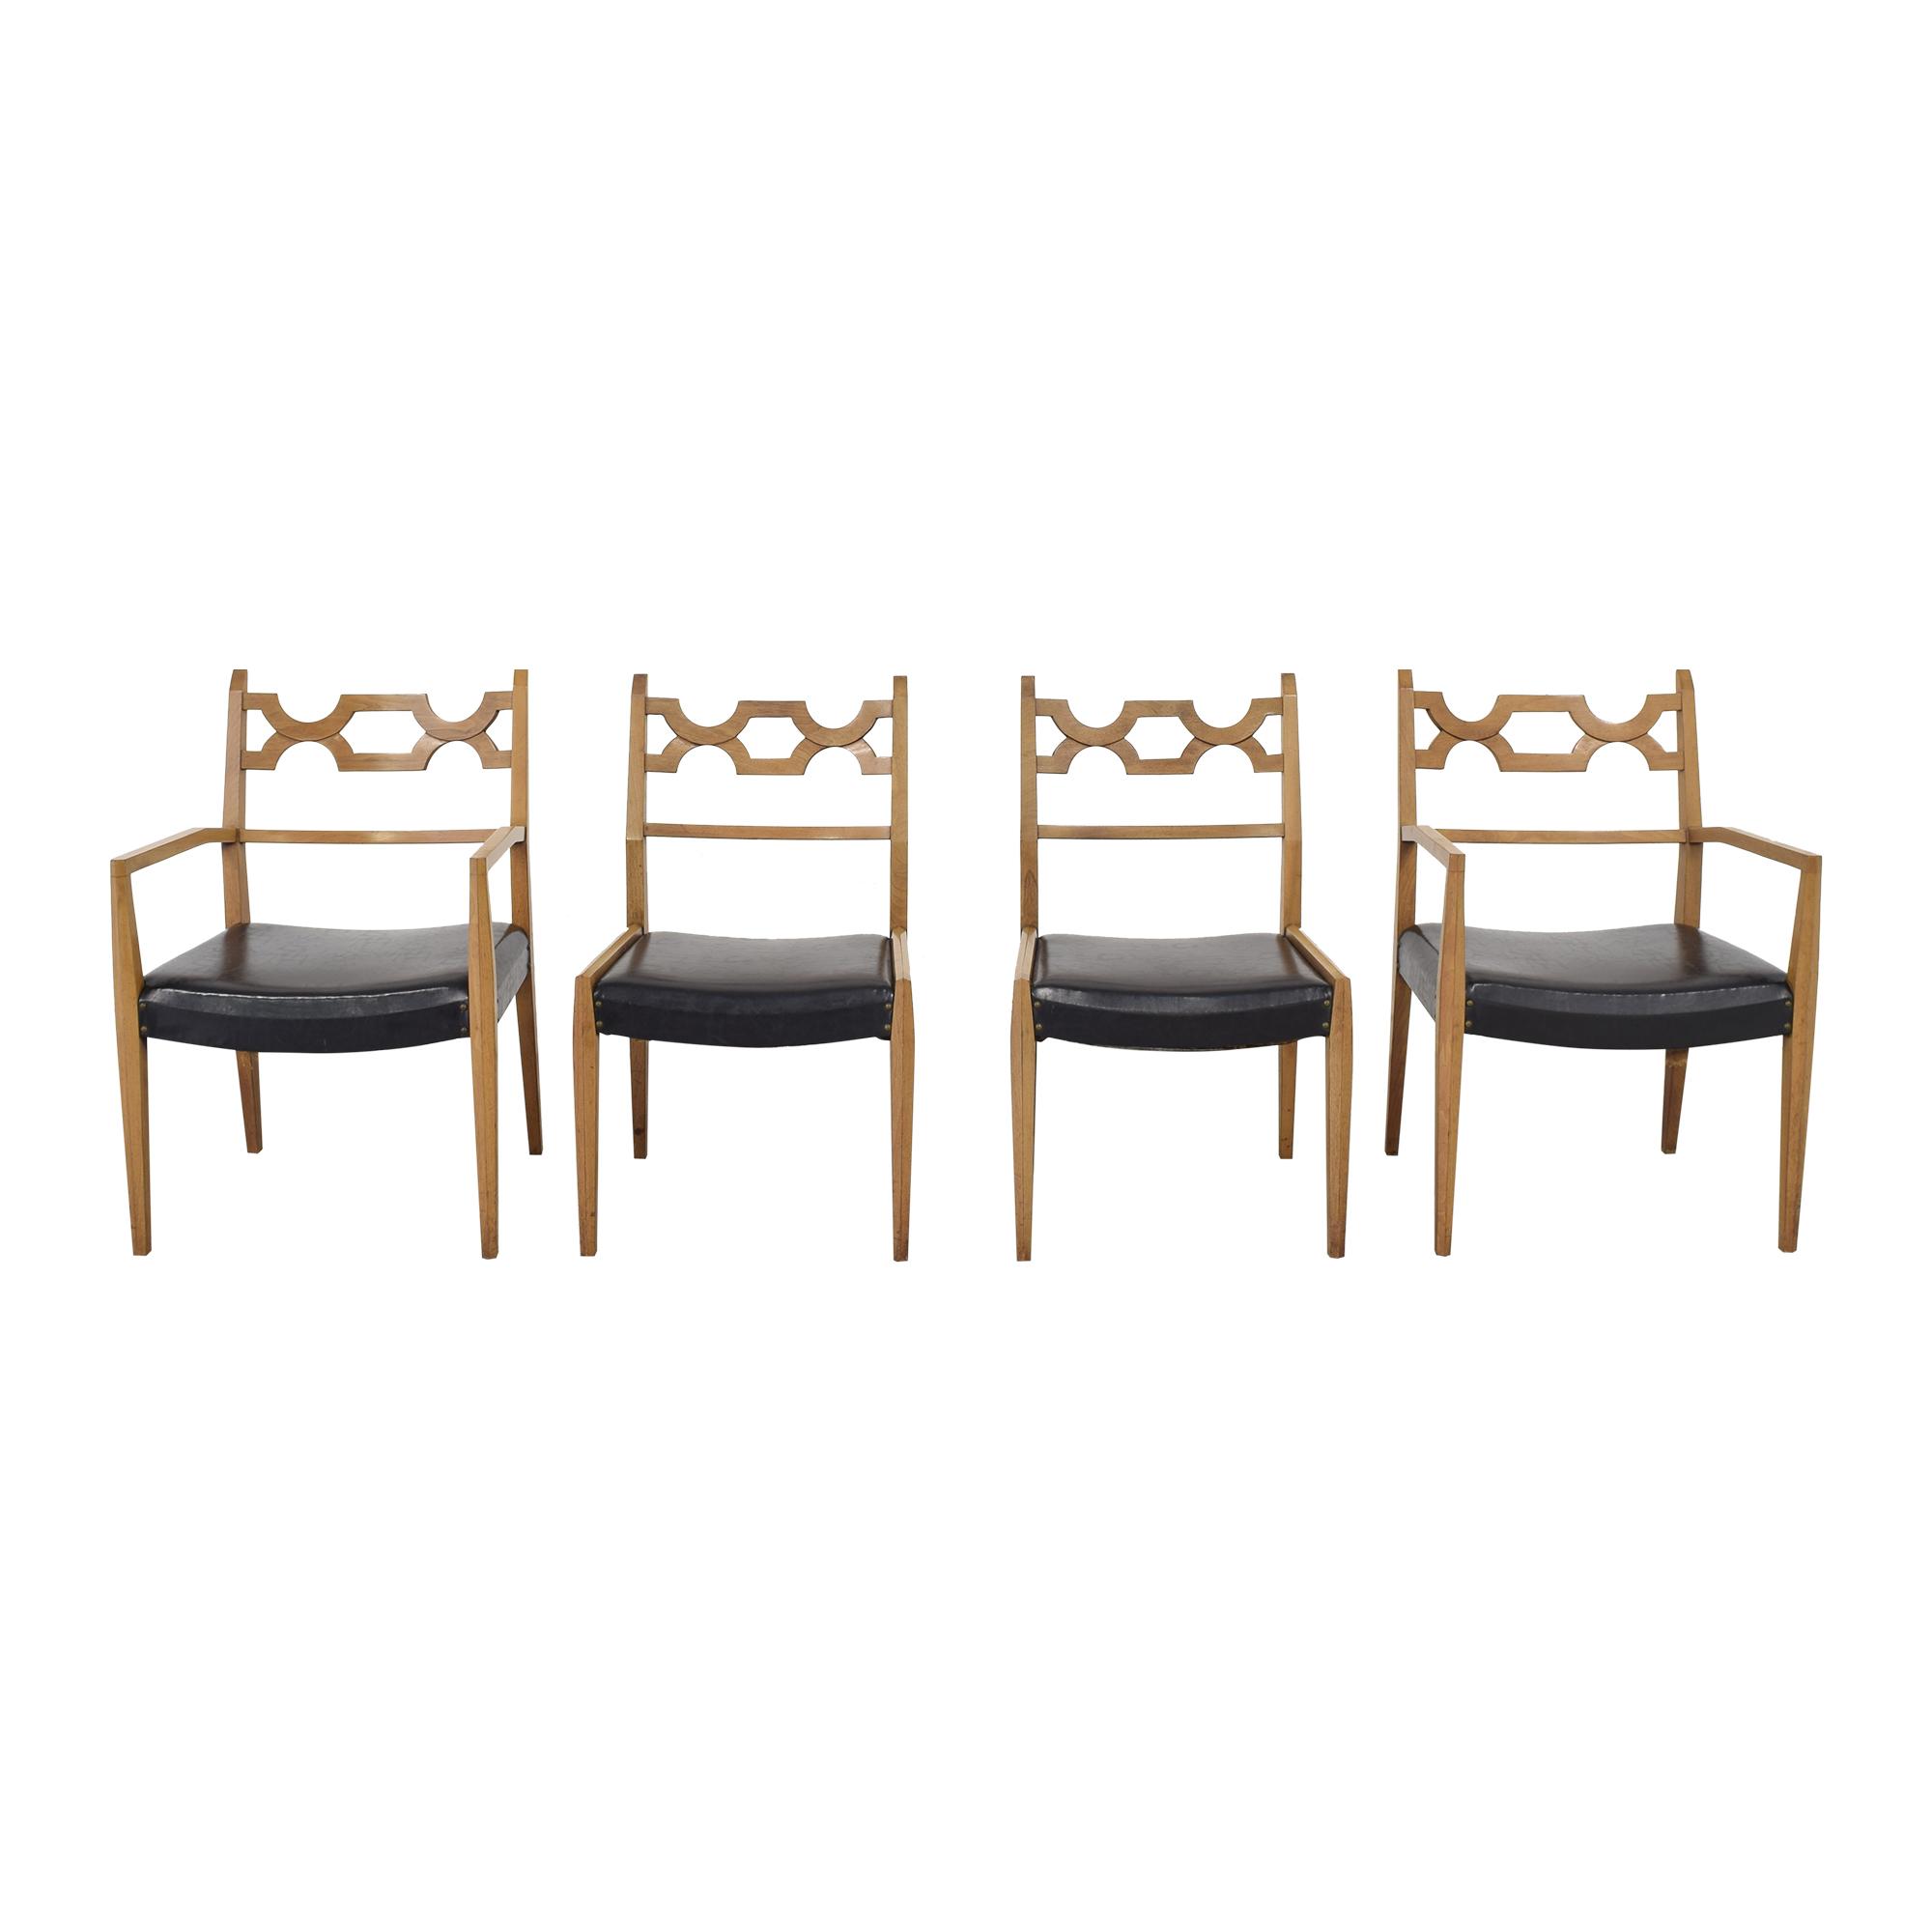 John Stuart Inc. John Stuart Mid-Century Dining Chairs dimensions